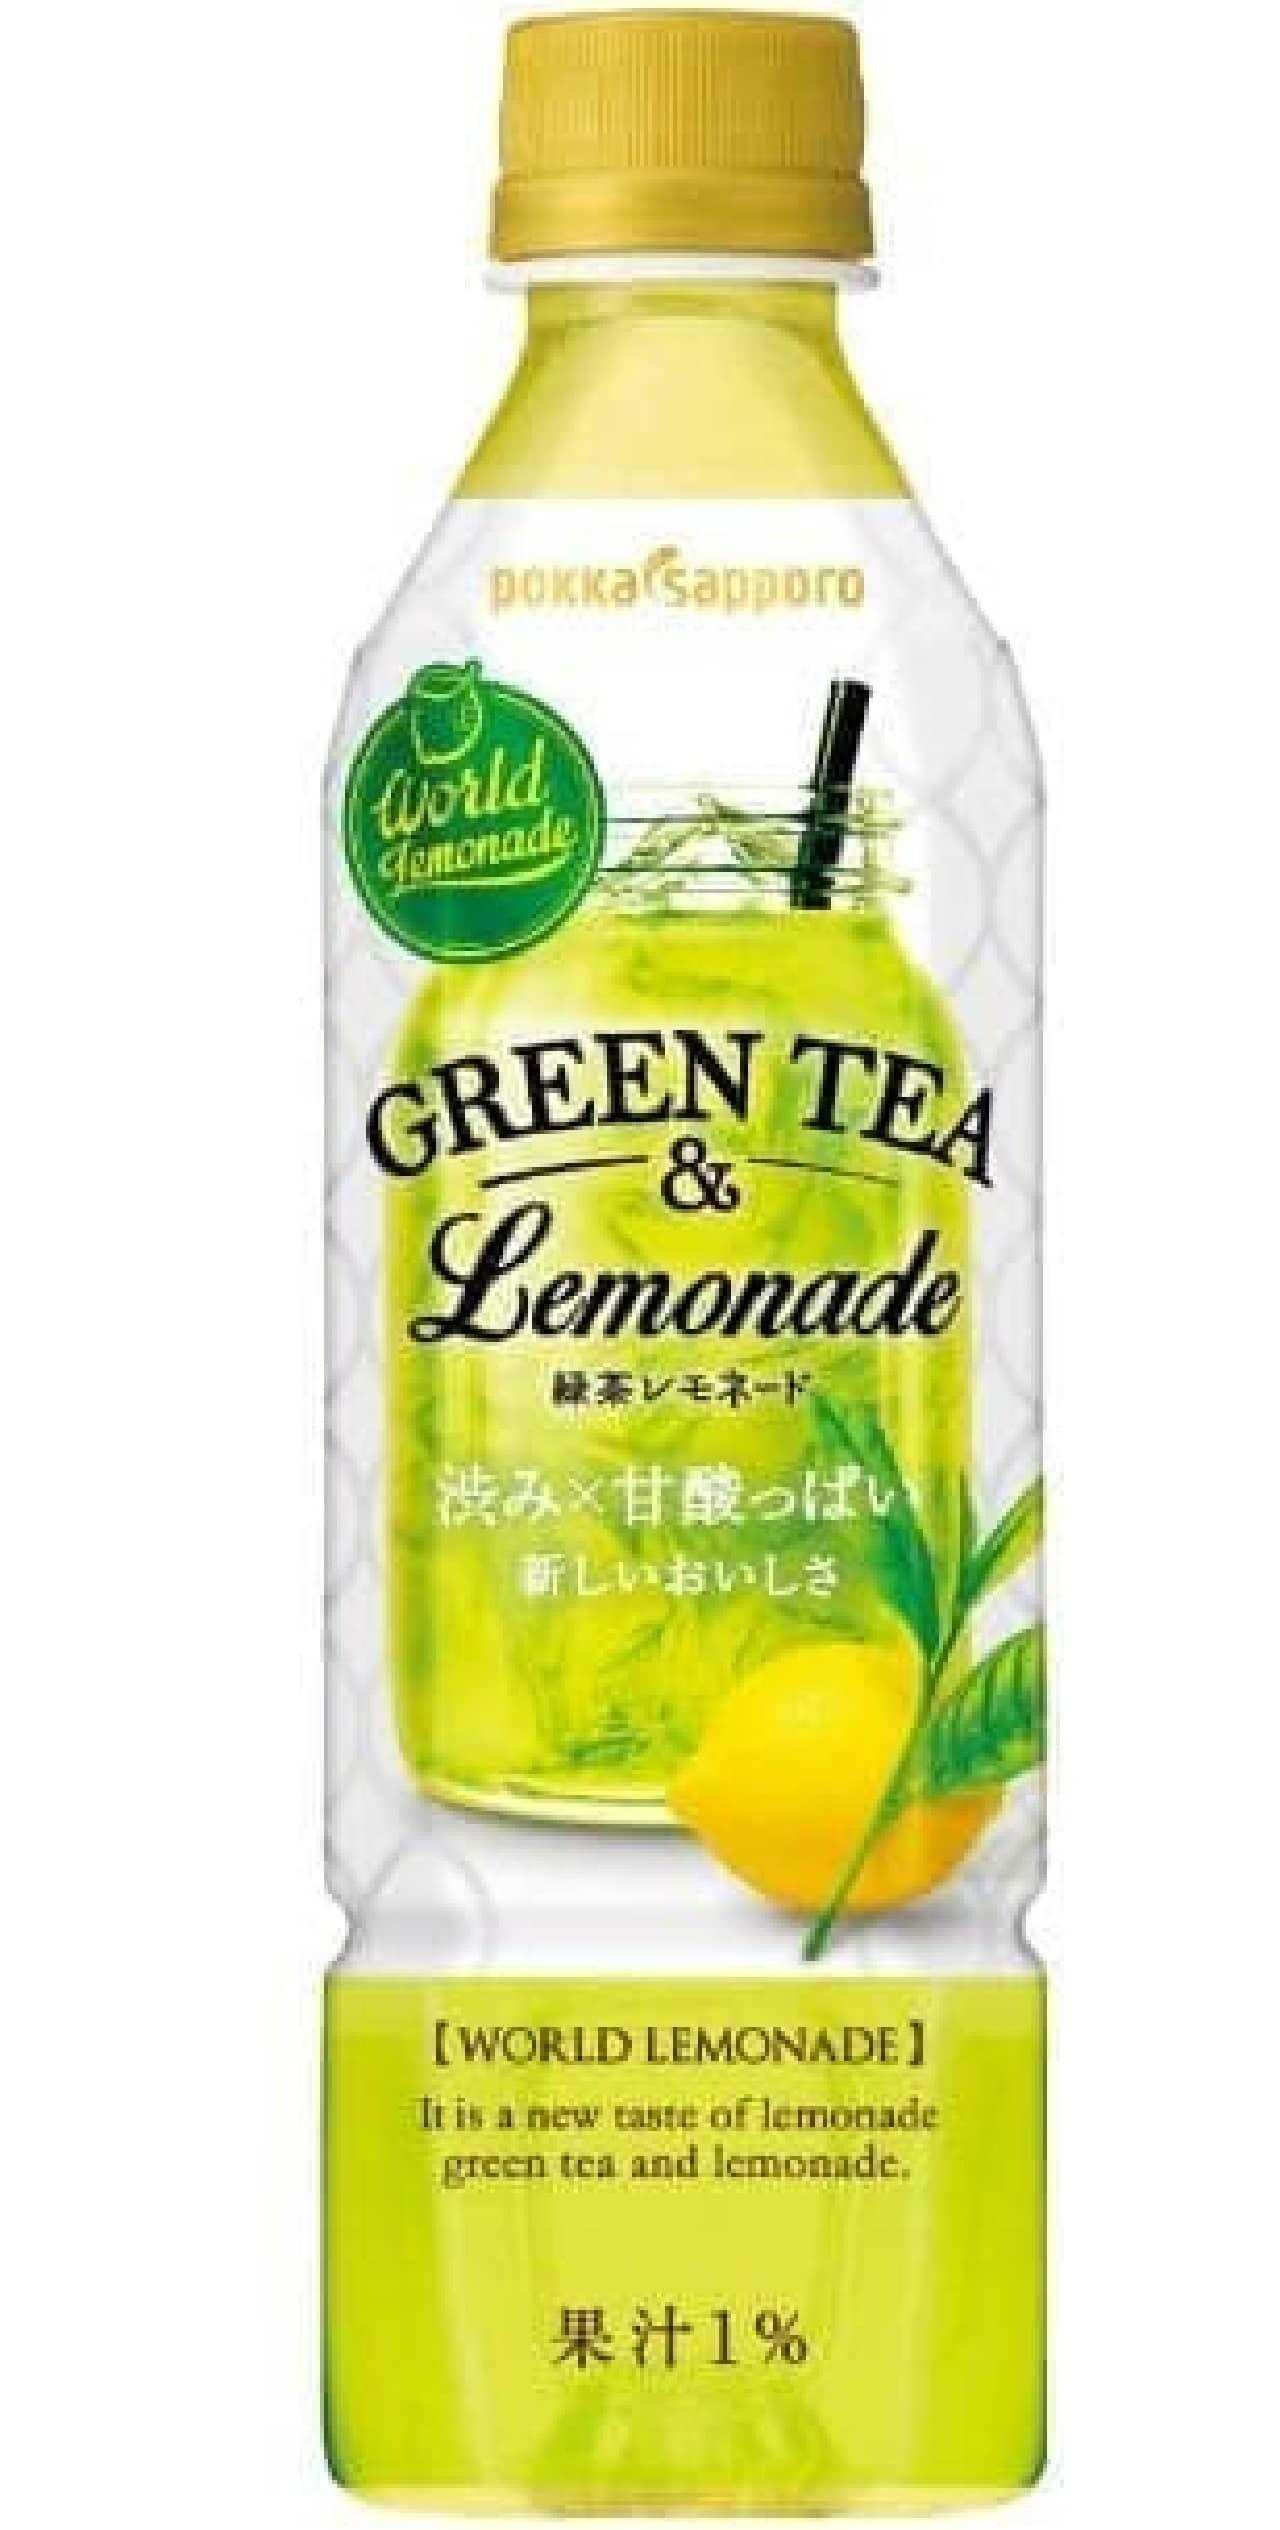 ワールドレモネード 緑茶レモネード